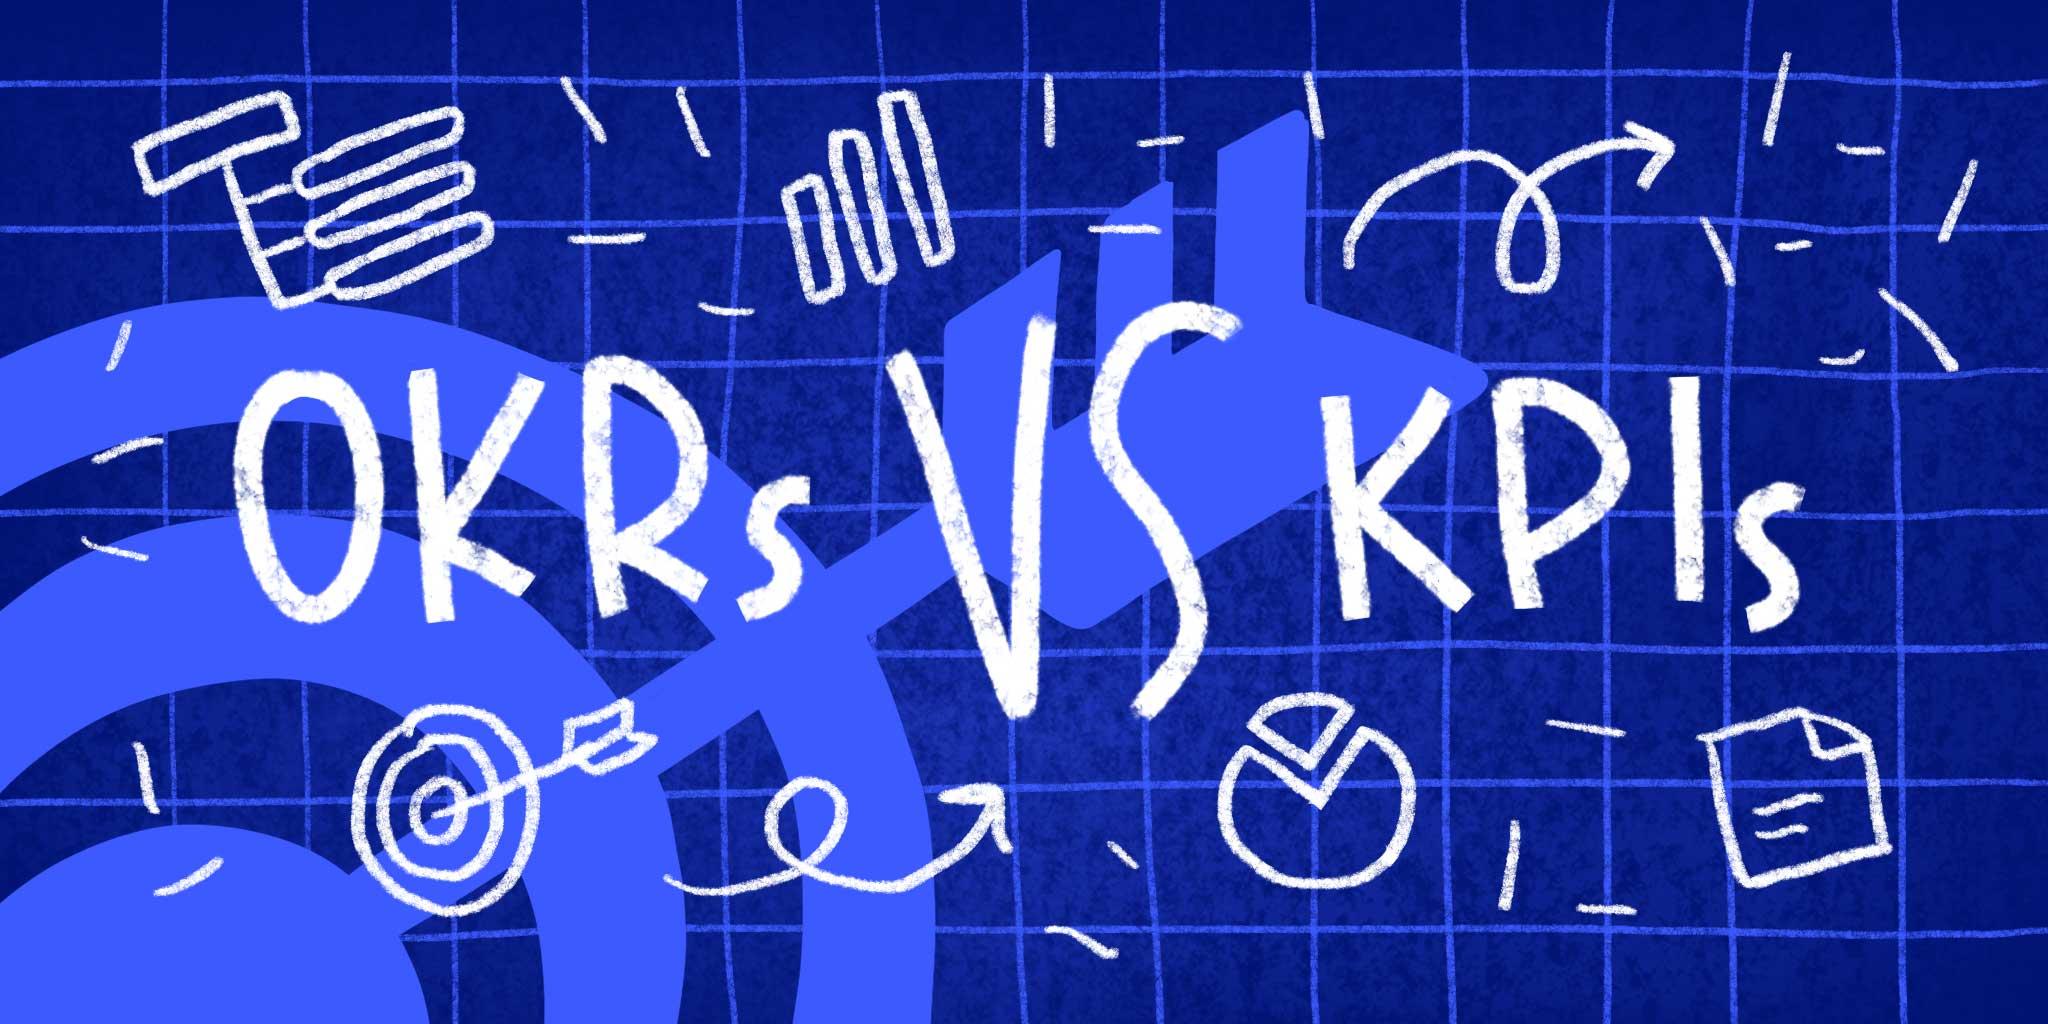 تفاوتهای اساسی اهداف و نتایج کلیدی (OKR) و شاخص کلیدی عملکرد (KPI) [مرتضی احمدی]